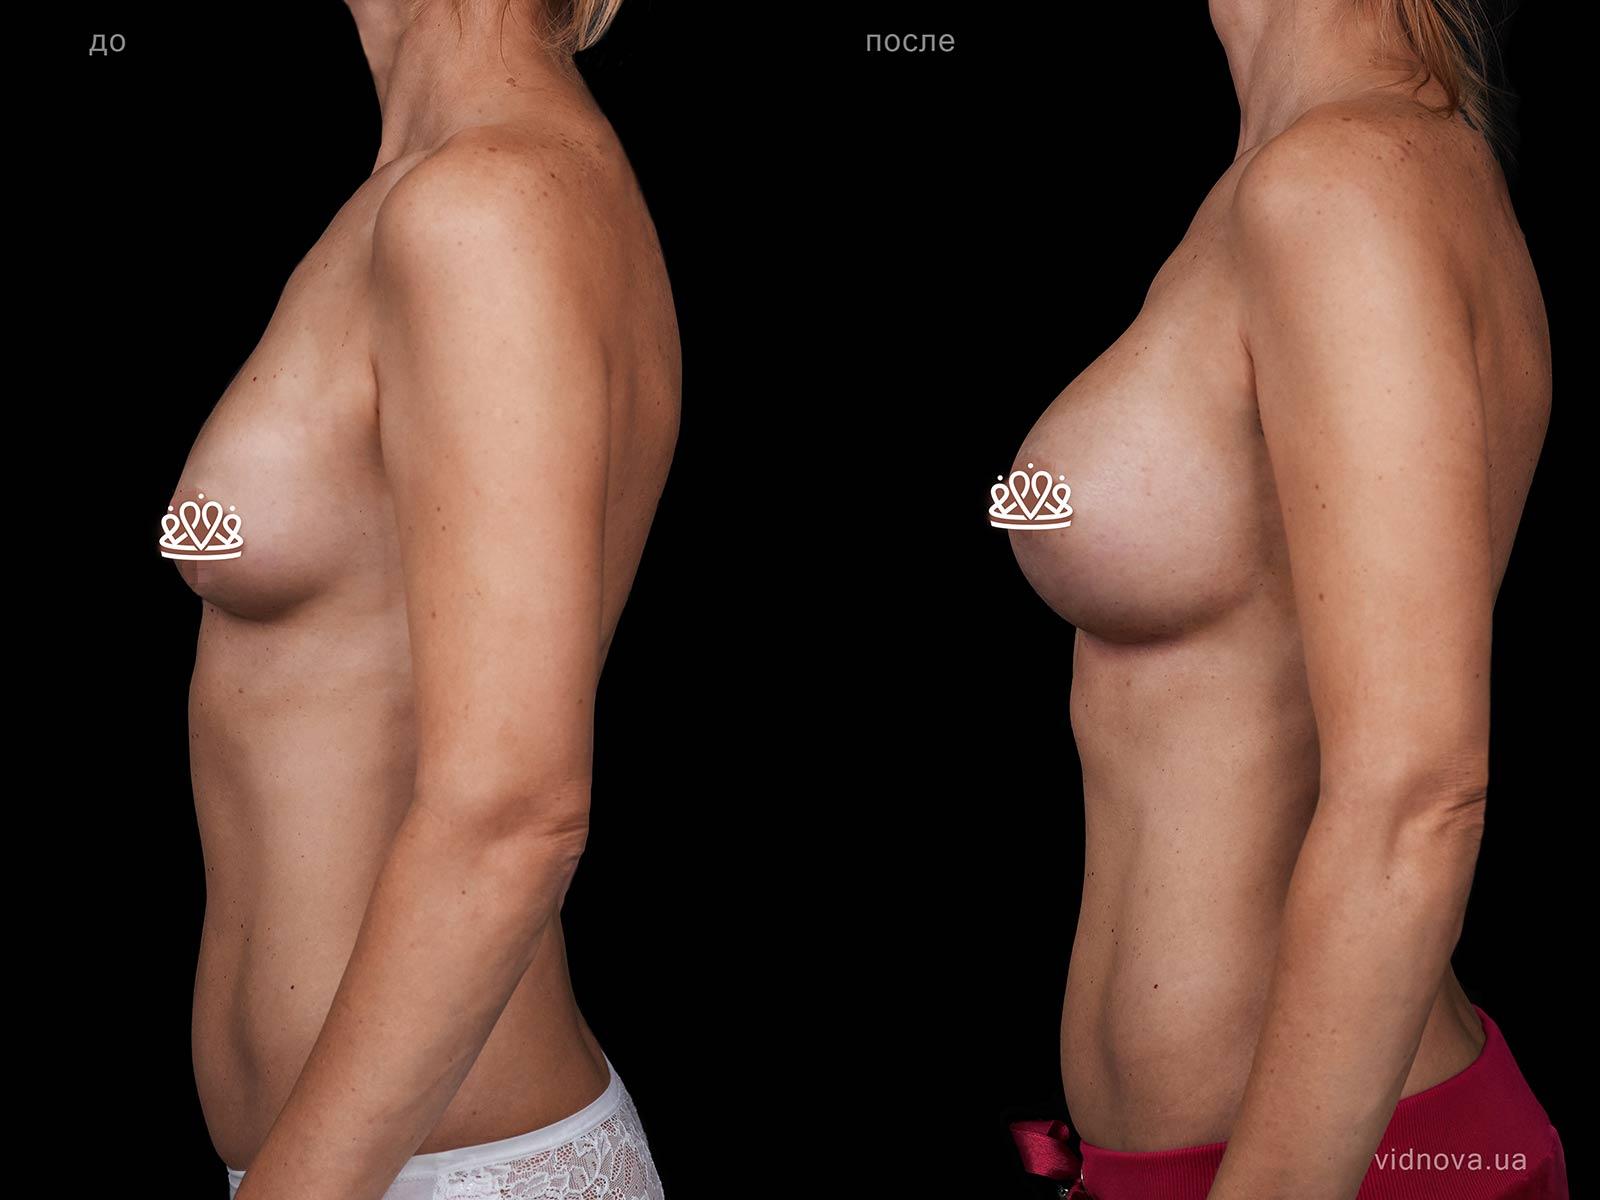 Пластика груди: результаты до и после - Пример №118-2 - Светлана Работенко